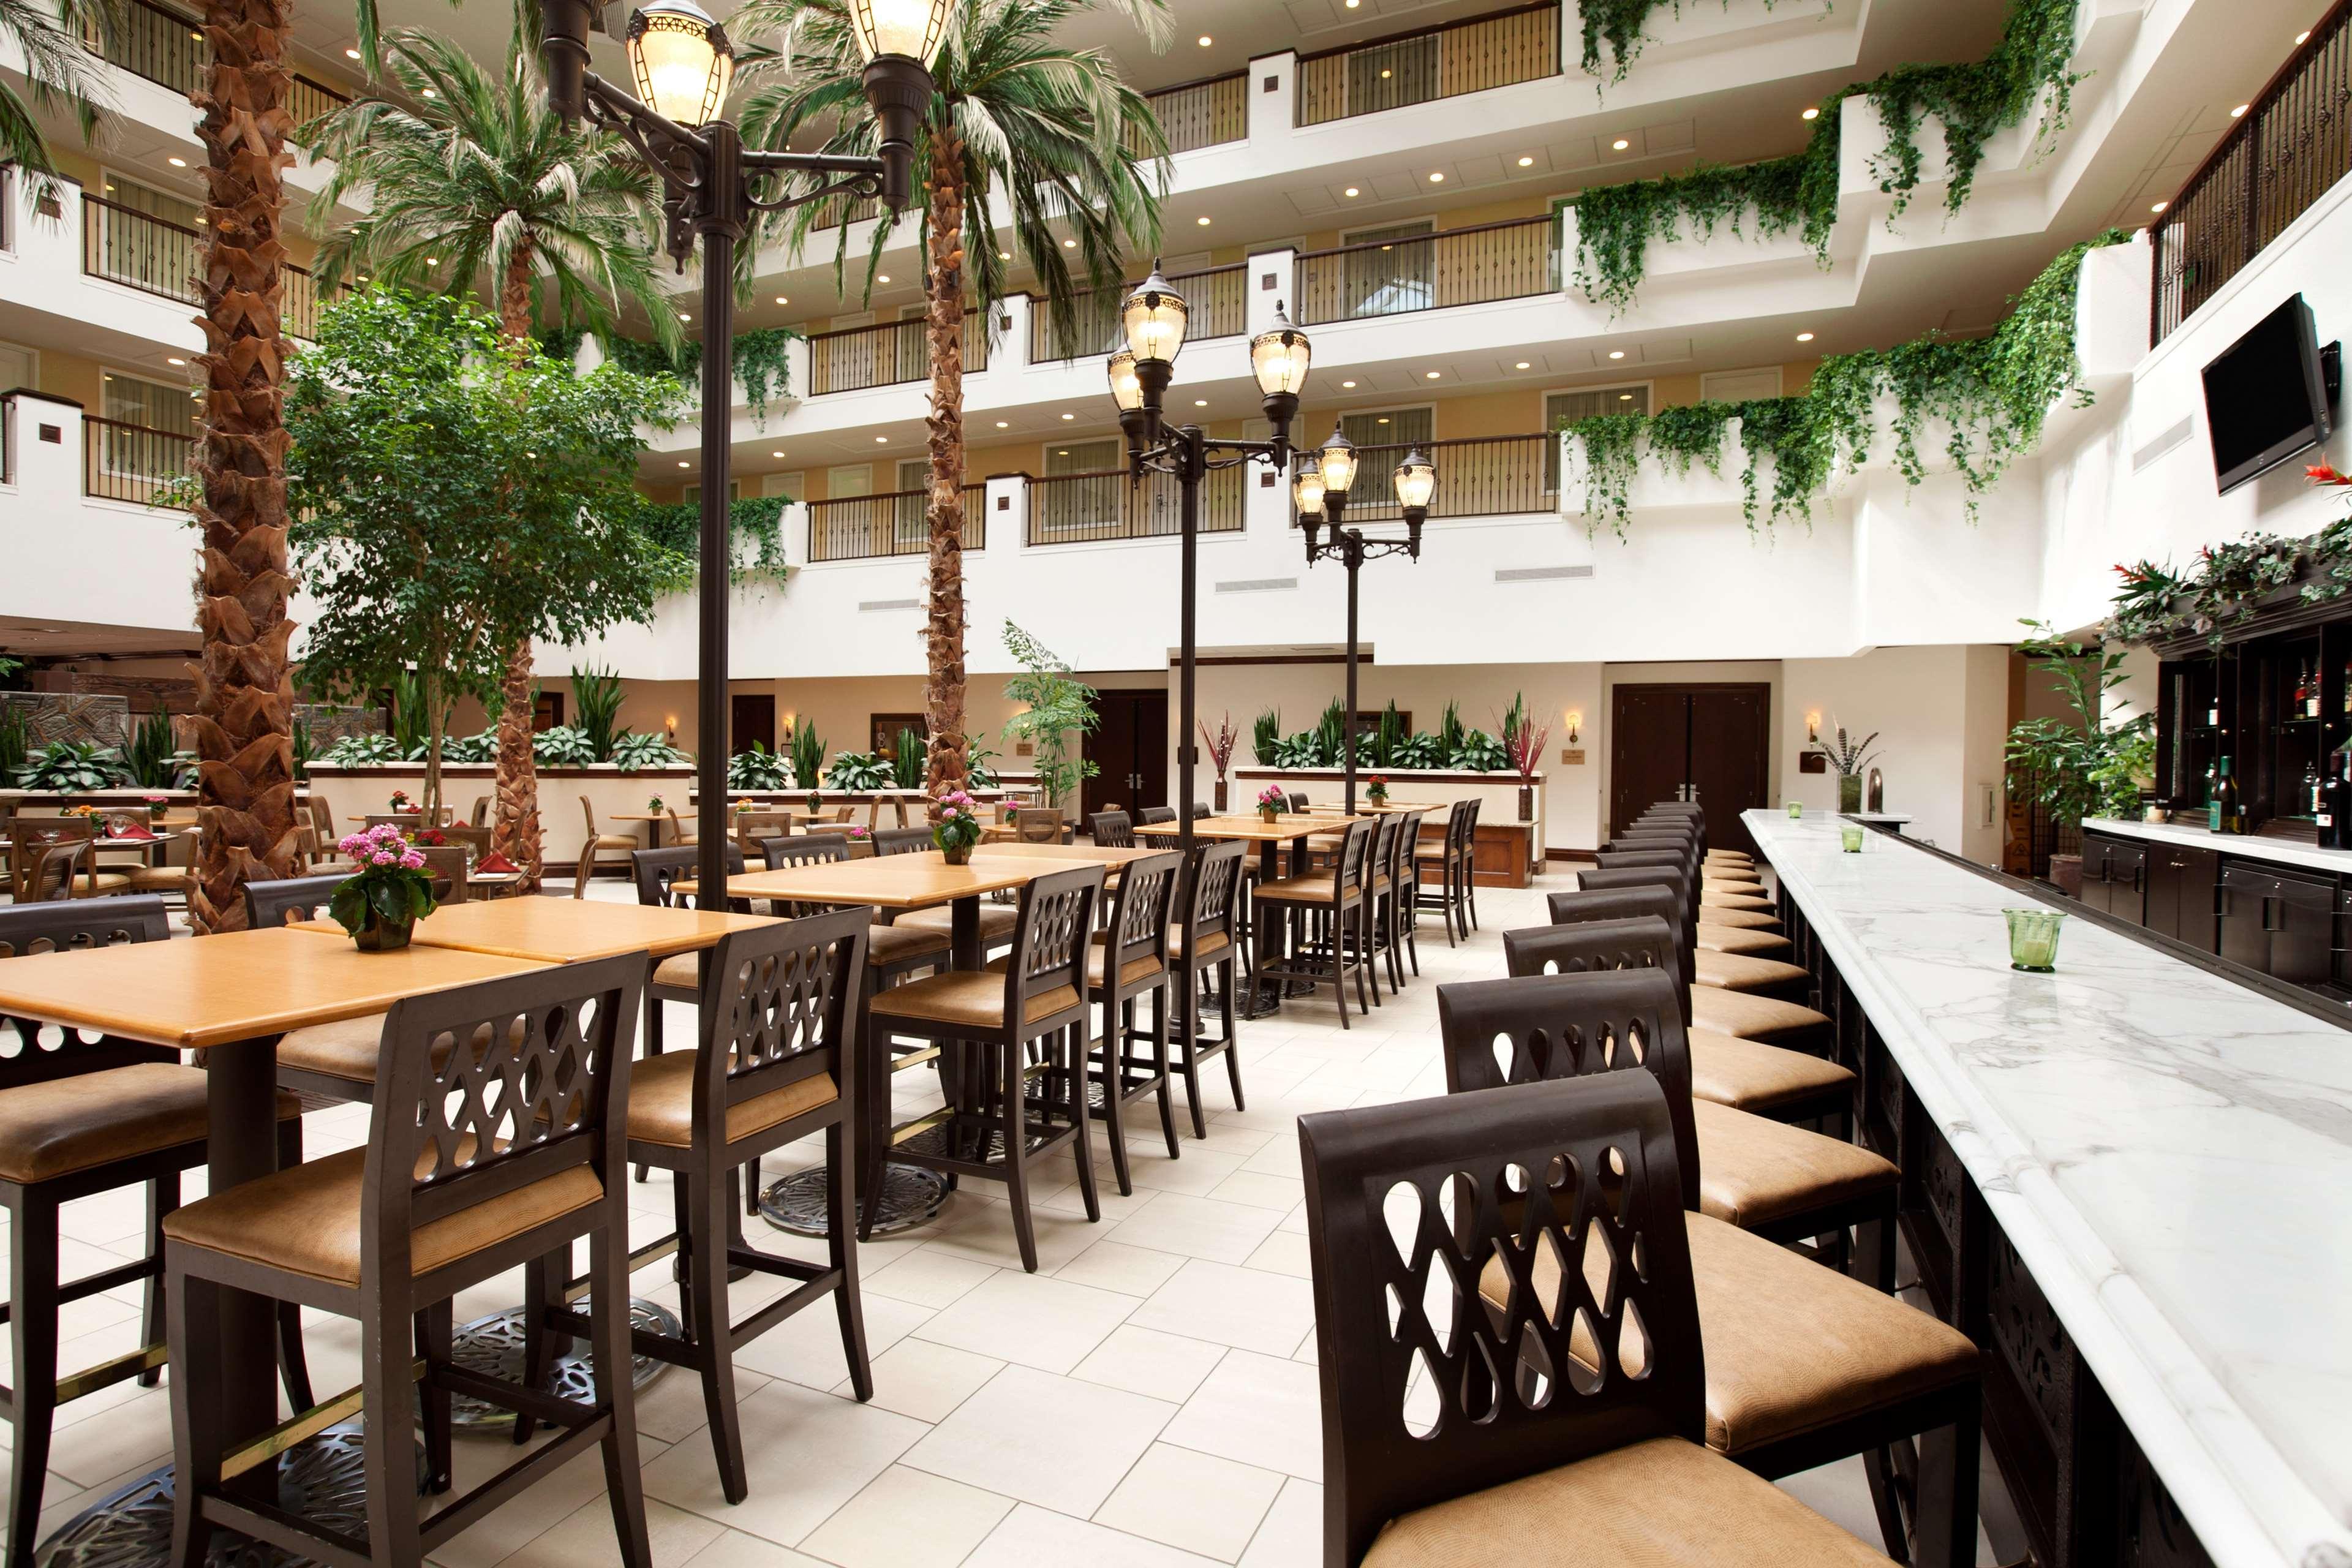 Embassy Suites by Hilton La Quinta Hotel & Spa image 41